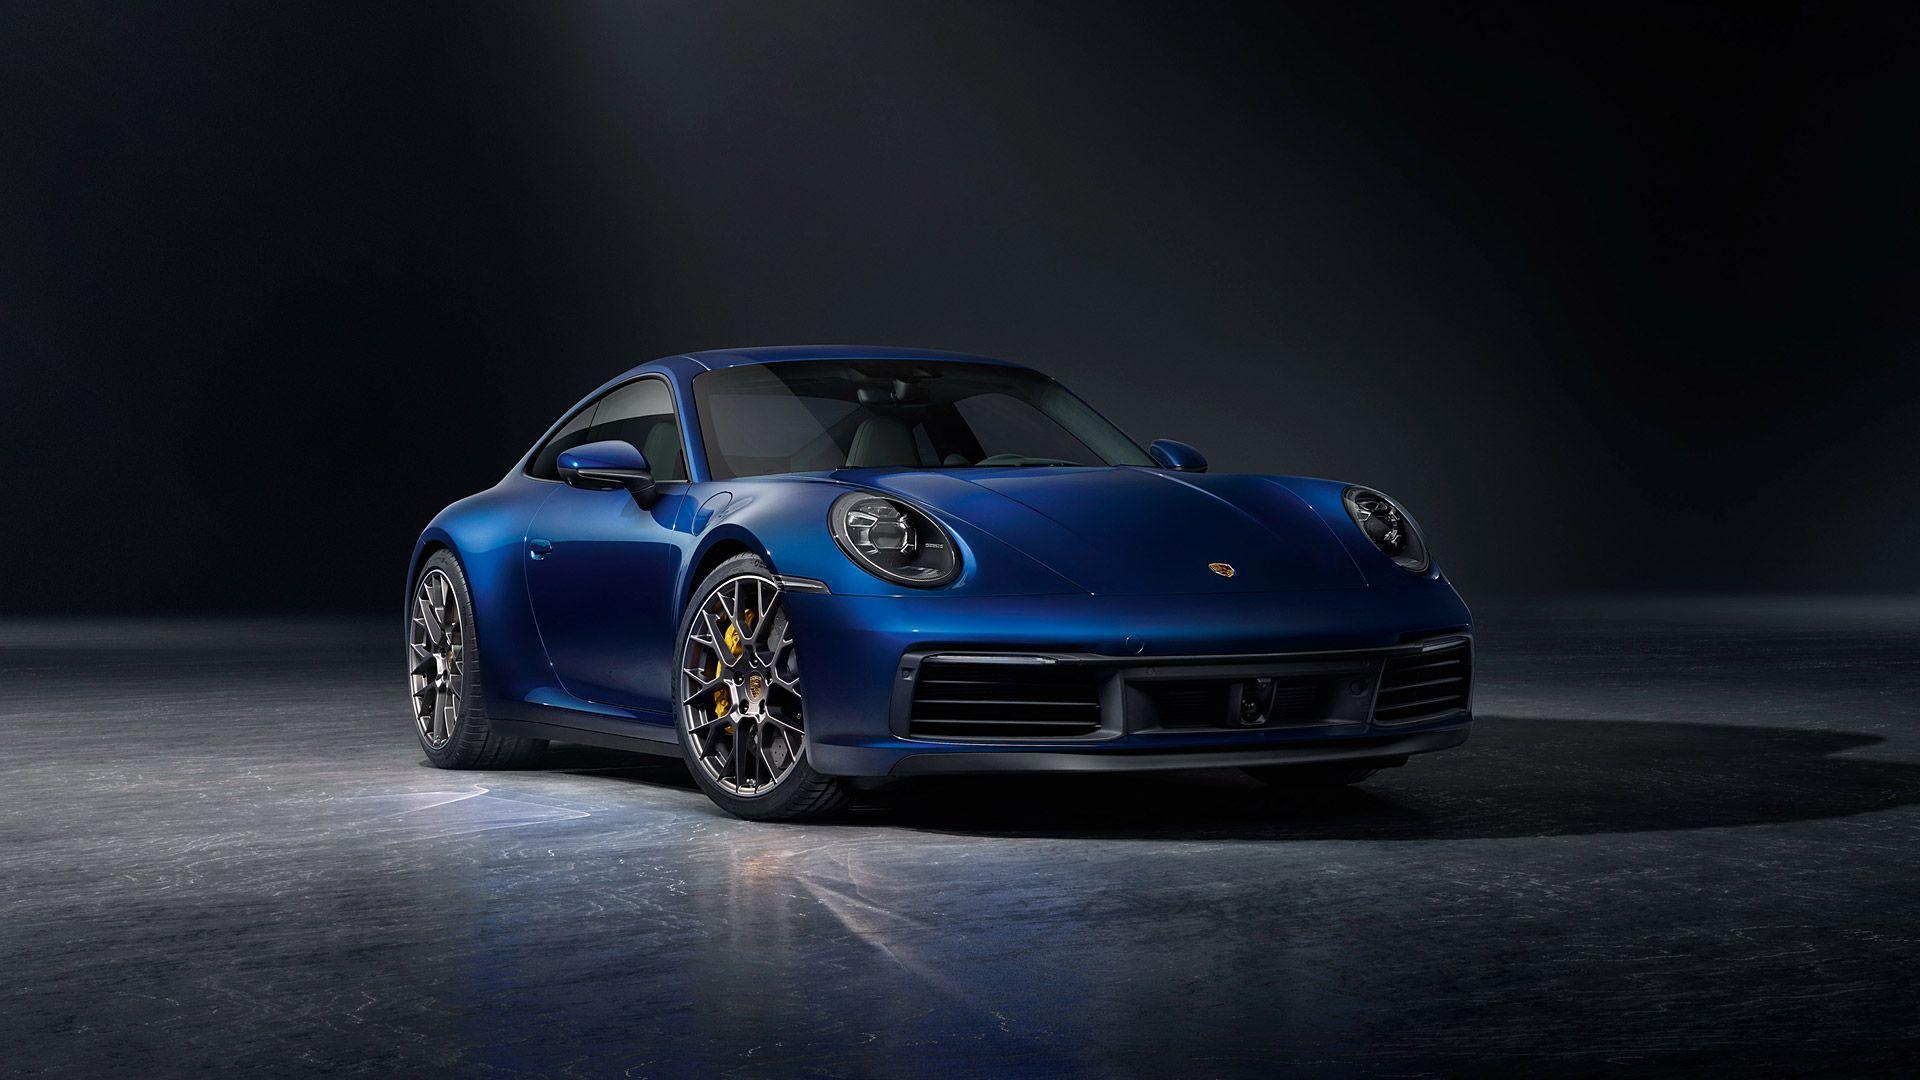 Porsche 992 Wallpapers   Top Porsche 992 Backgrounds 1920x1080